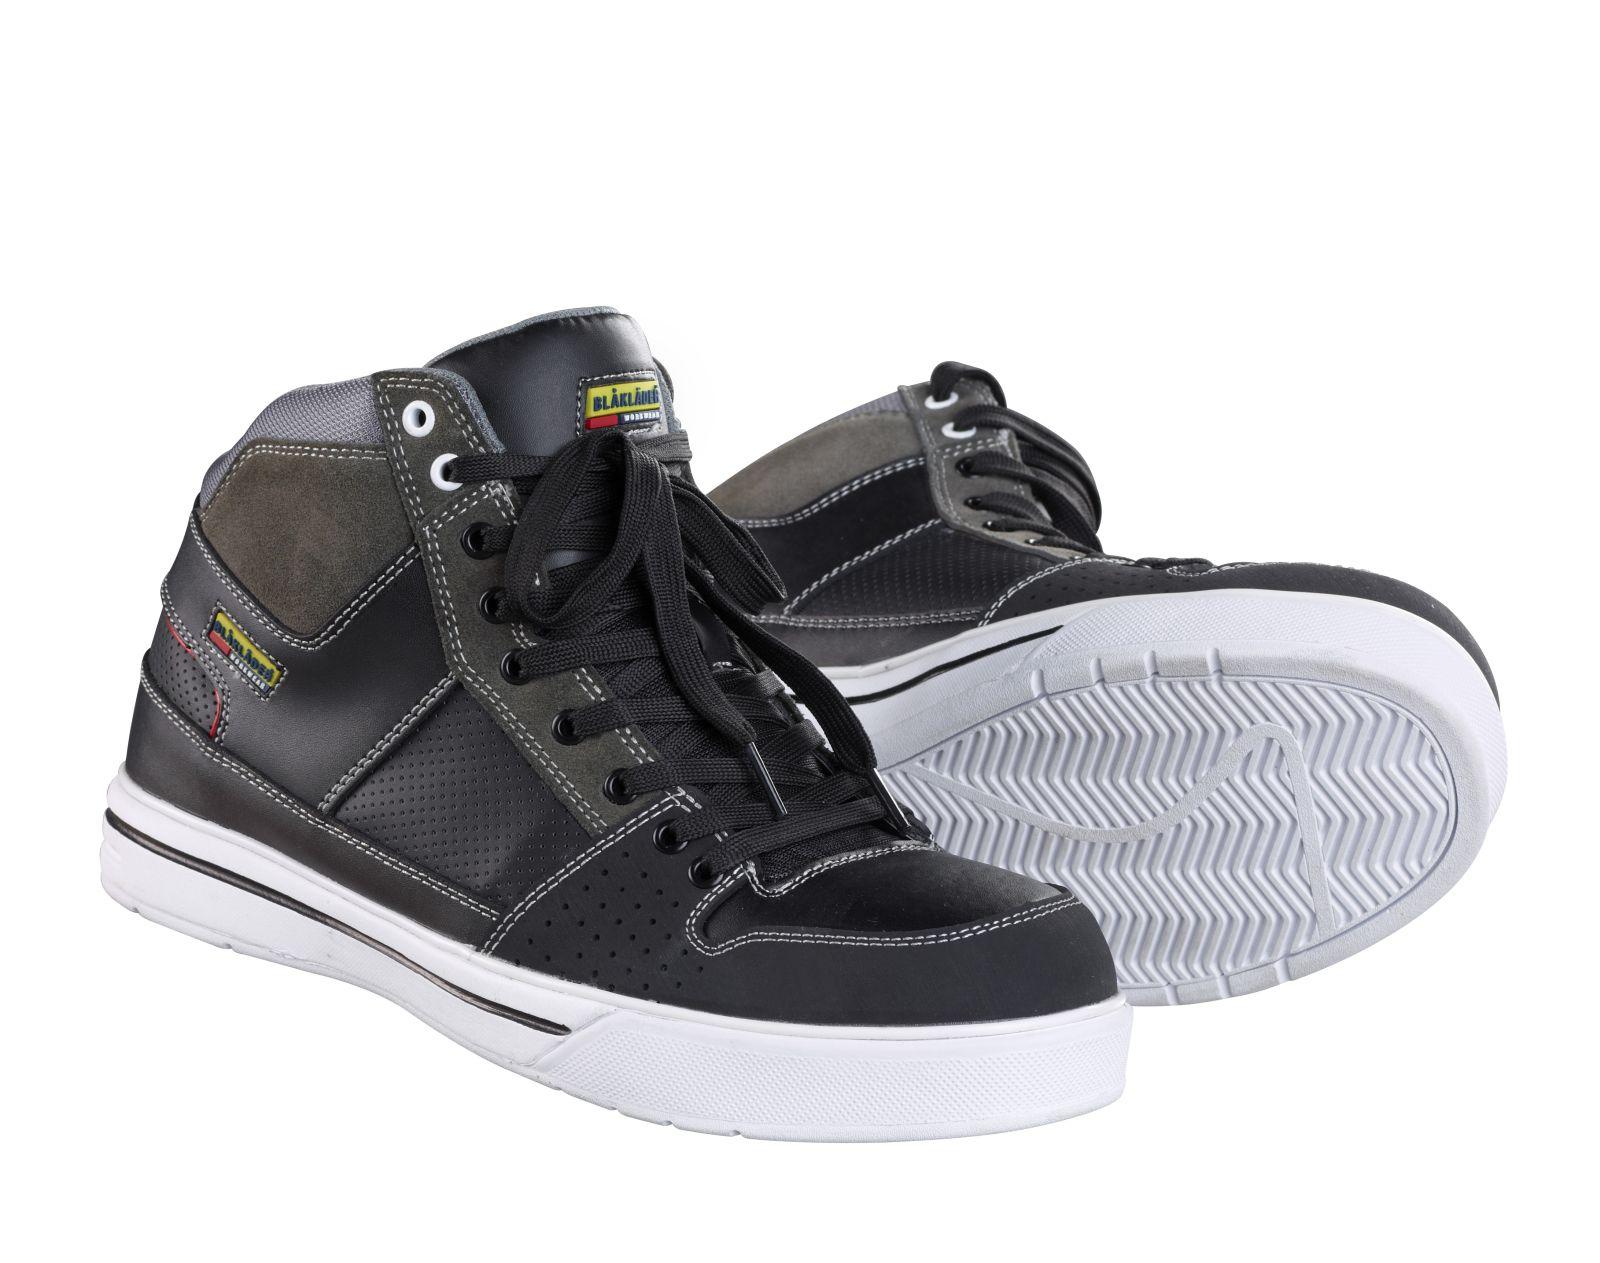 Blaklader S1P Werkschoenen- hoog 24313905 Sneaker Veilige neus- zool zwart(9900)